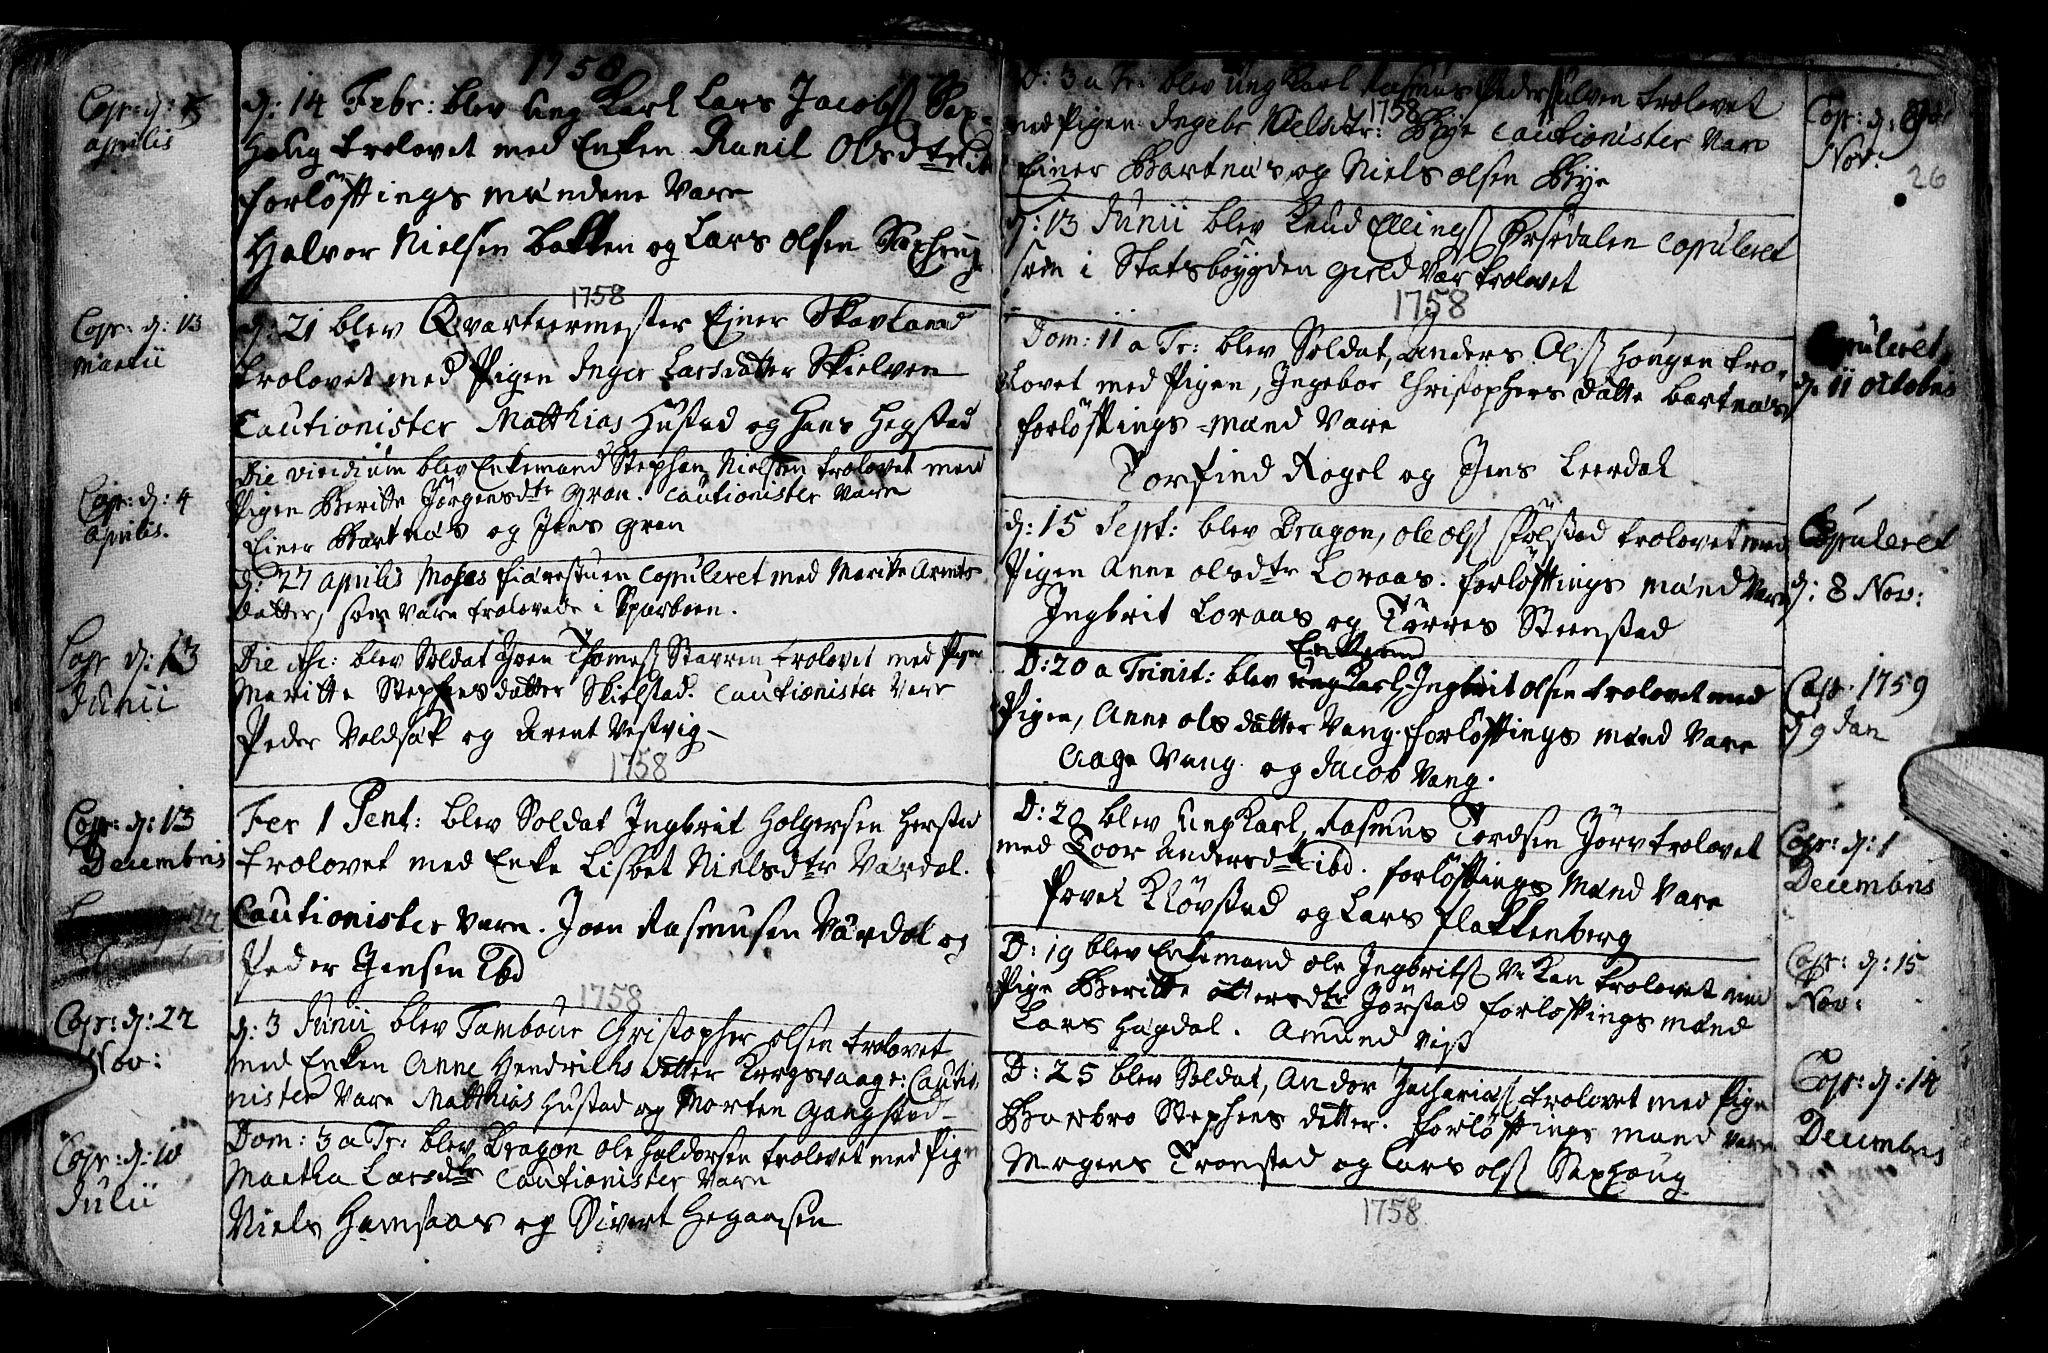 SAT, Ministerialprotokoller, klokkerbøker og fødselsregistre - Nord-Trøndelag, 730/L0272: Parish register (official) no. 730A01, 1733-1764, p. 26